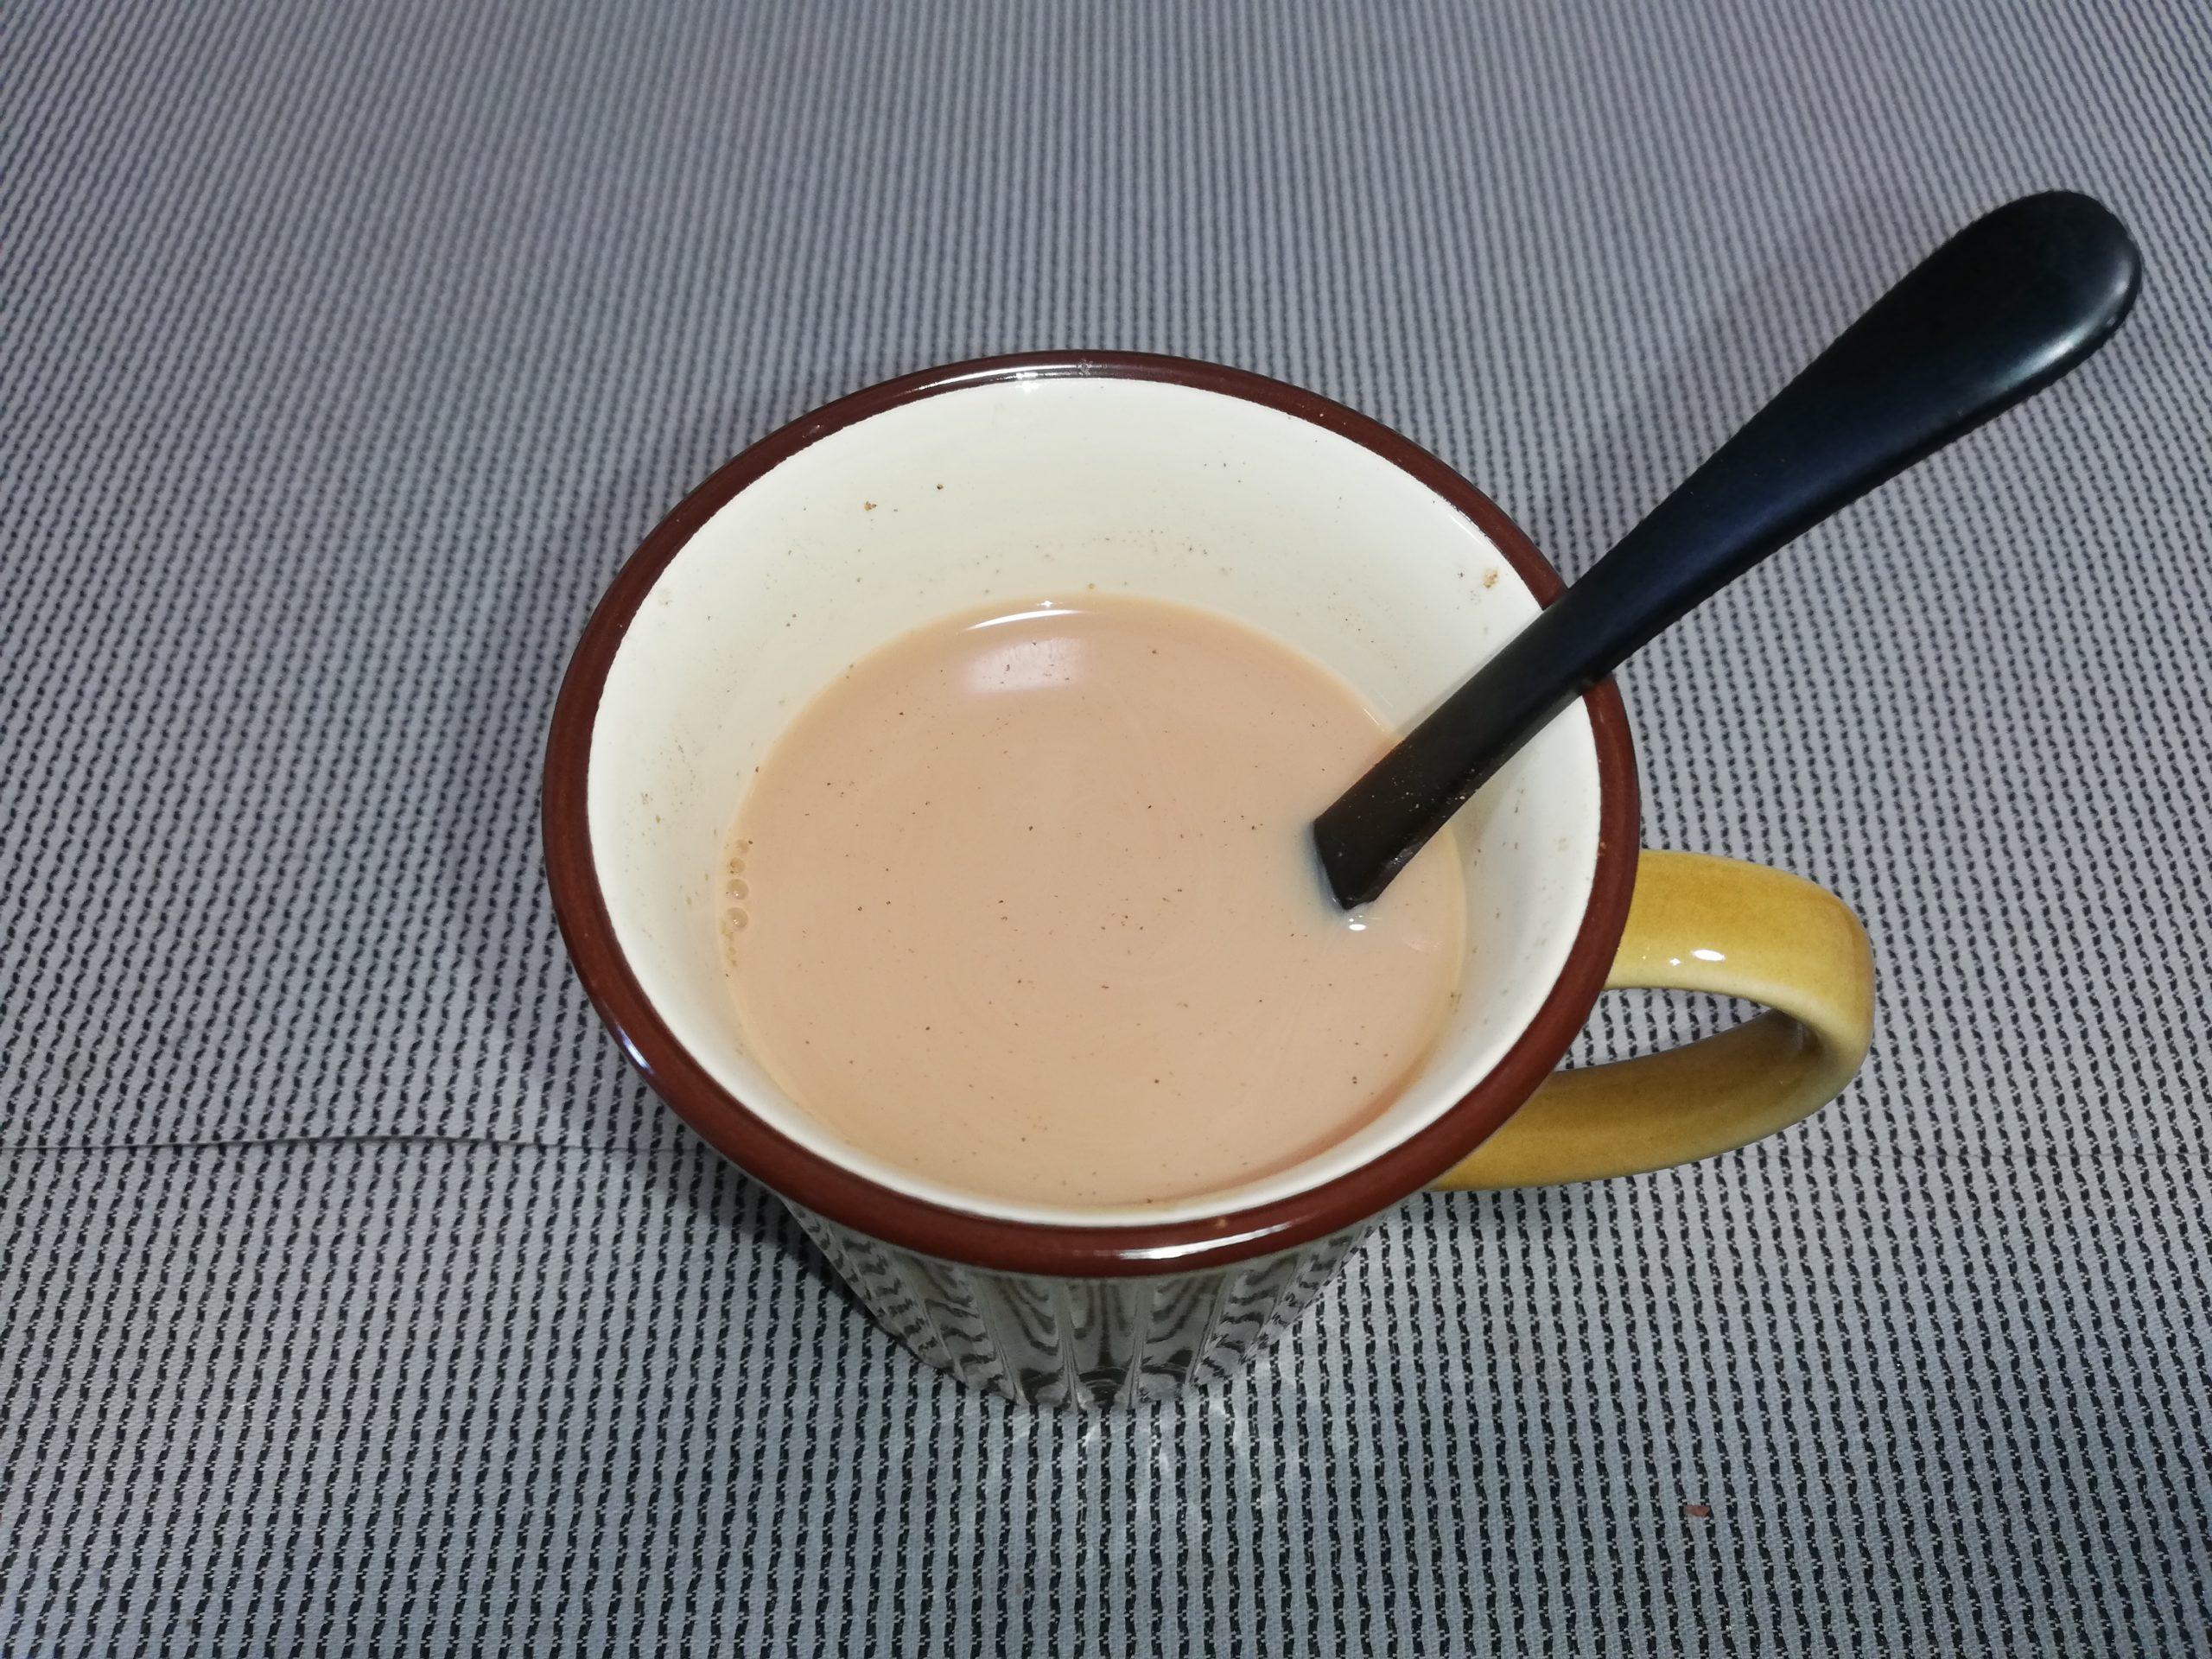 シャイ・アデン コーヒートーク 味わい レシピ